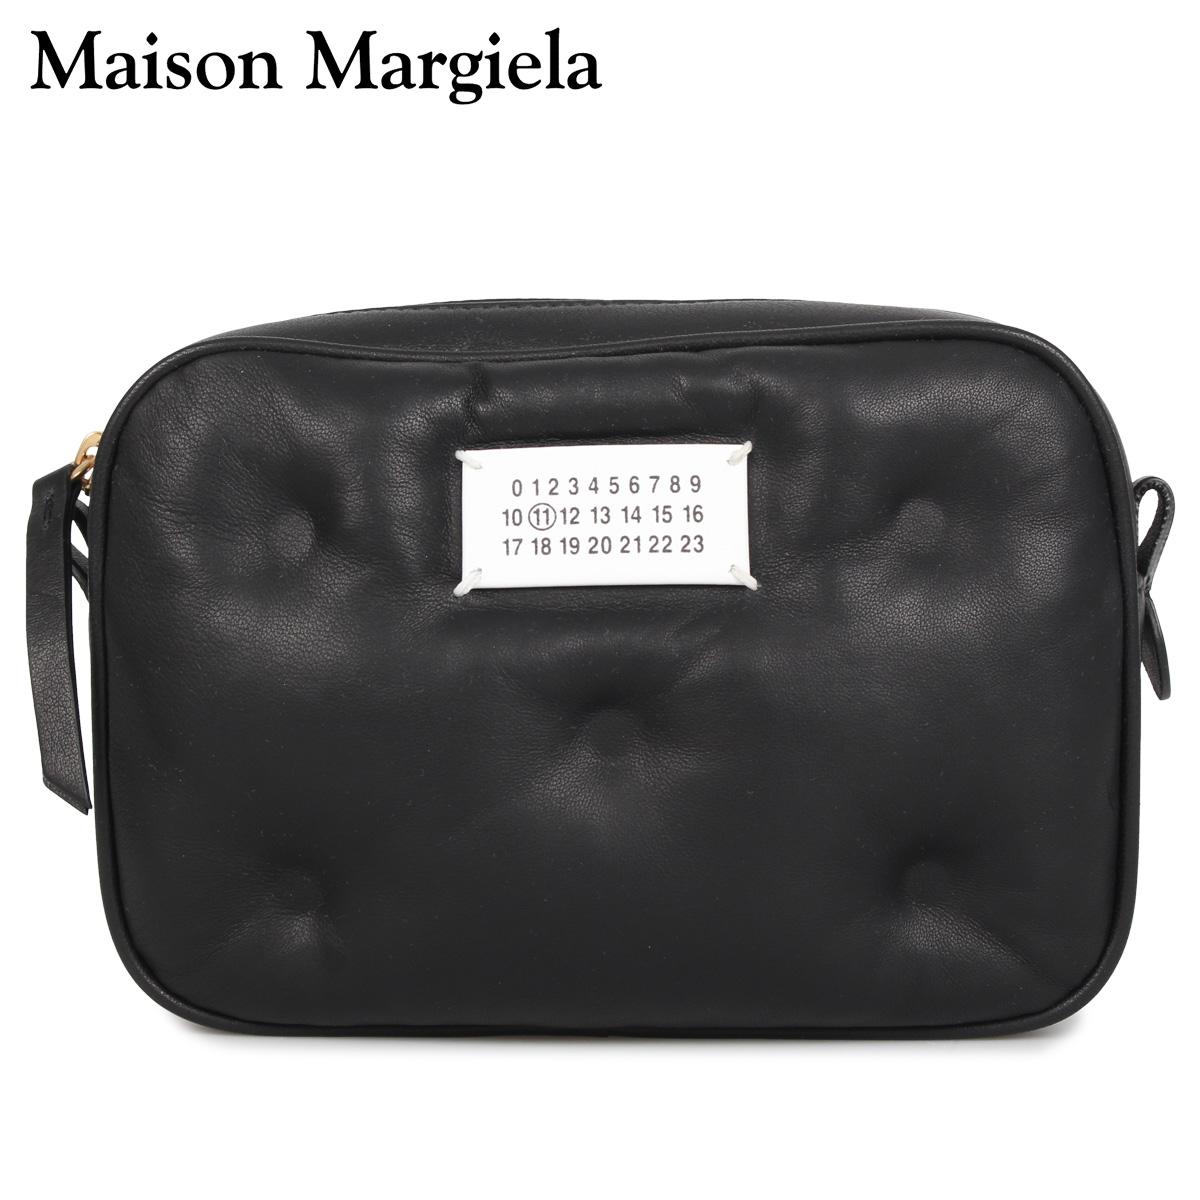 メゾンマルジェラ MAISON MARGIELA バッグ ショルダーバッグ ポーチ レディース GLAM SLAM CROSS BODY BAG ブラック 黒 S56WG0108 PR818 [3/12 新入荷]